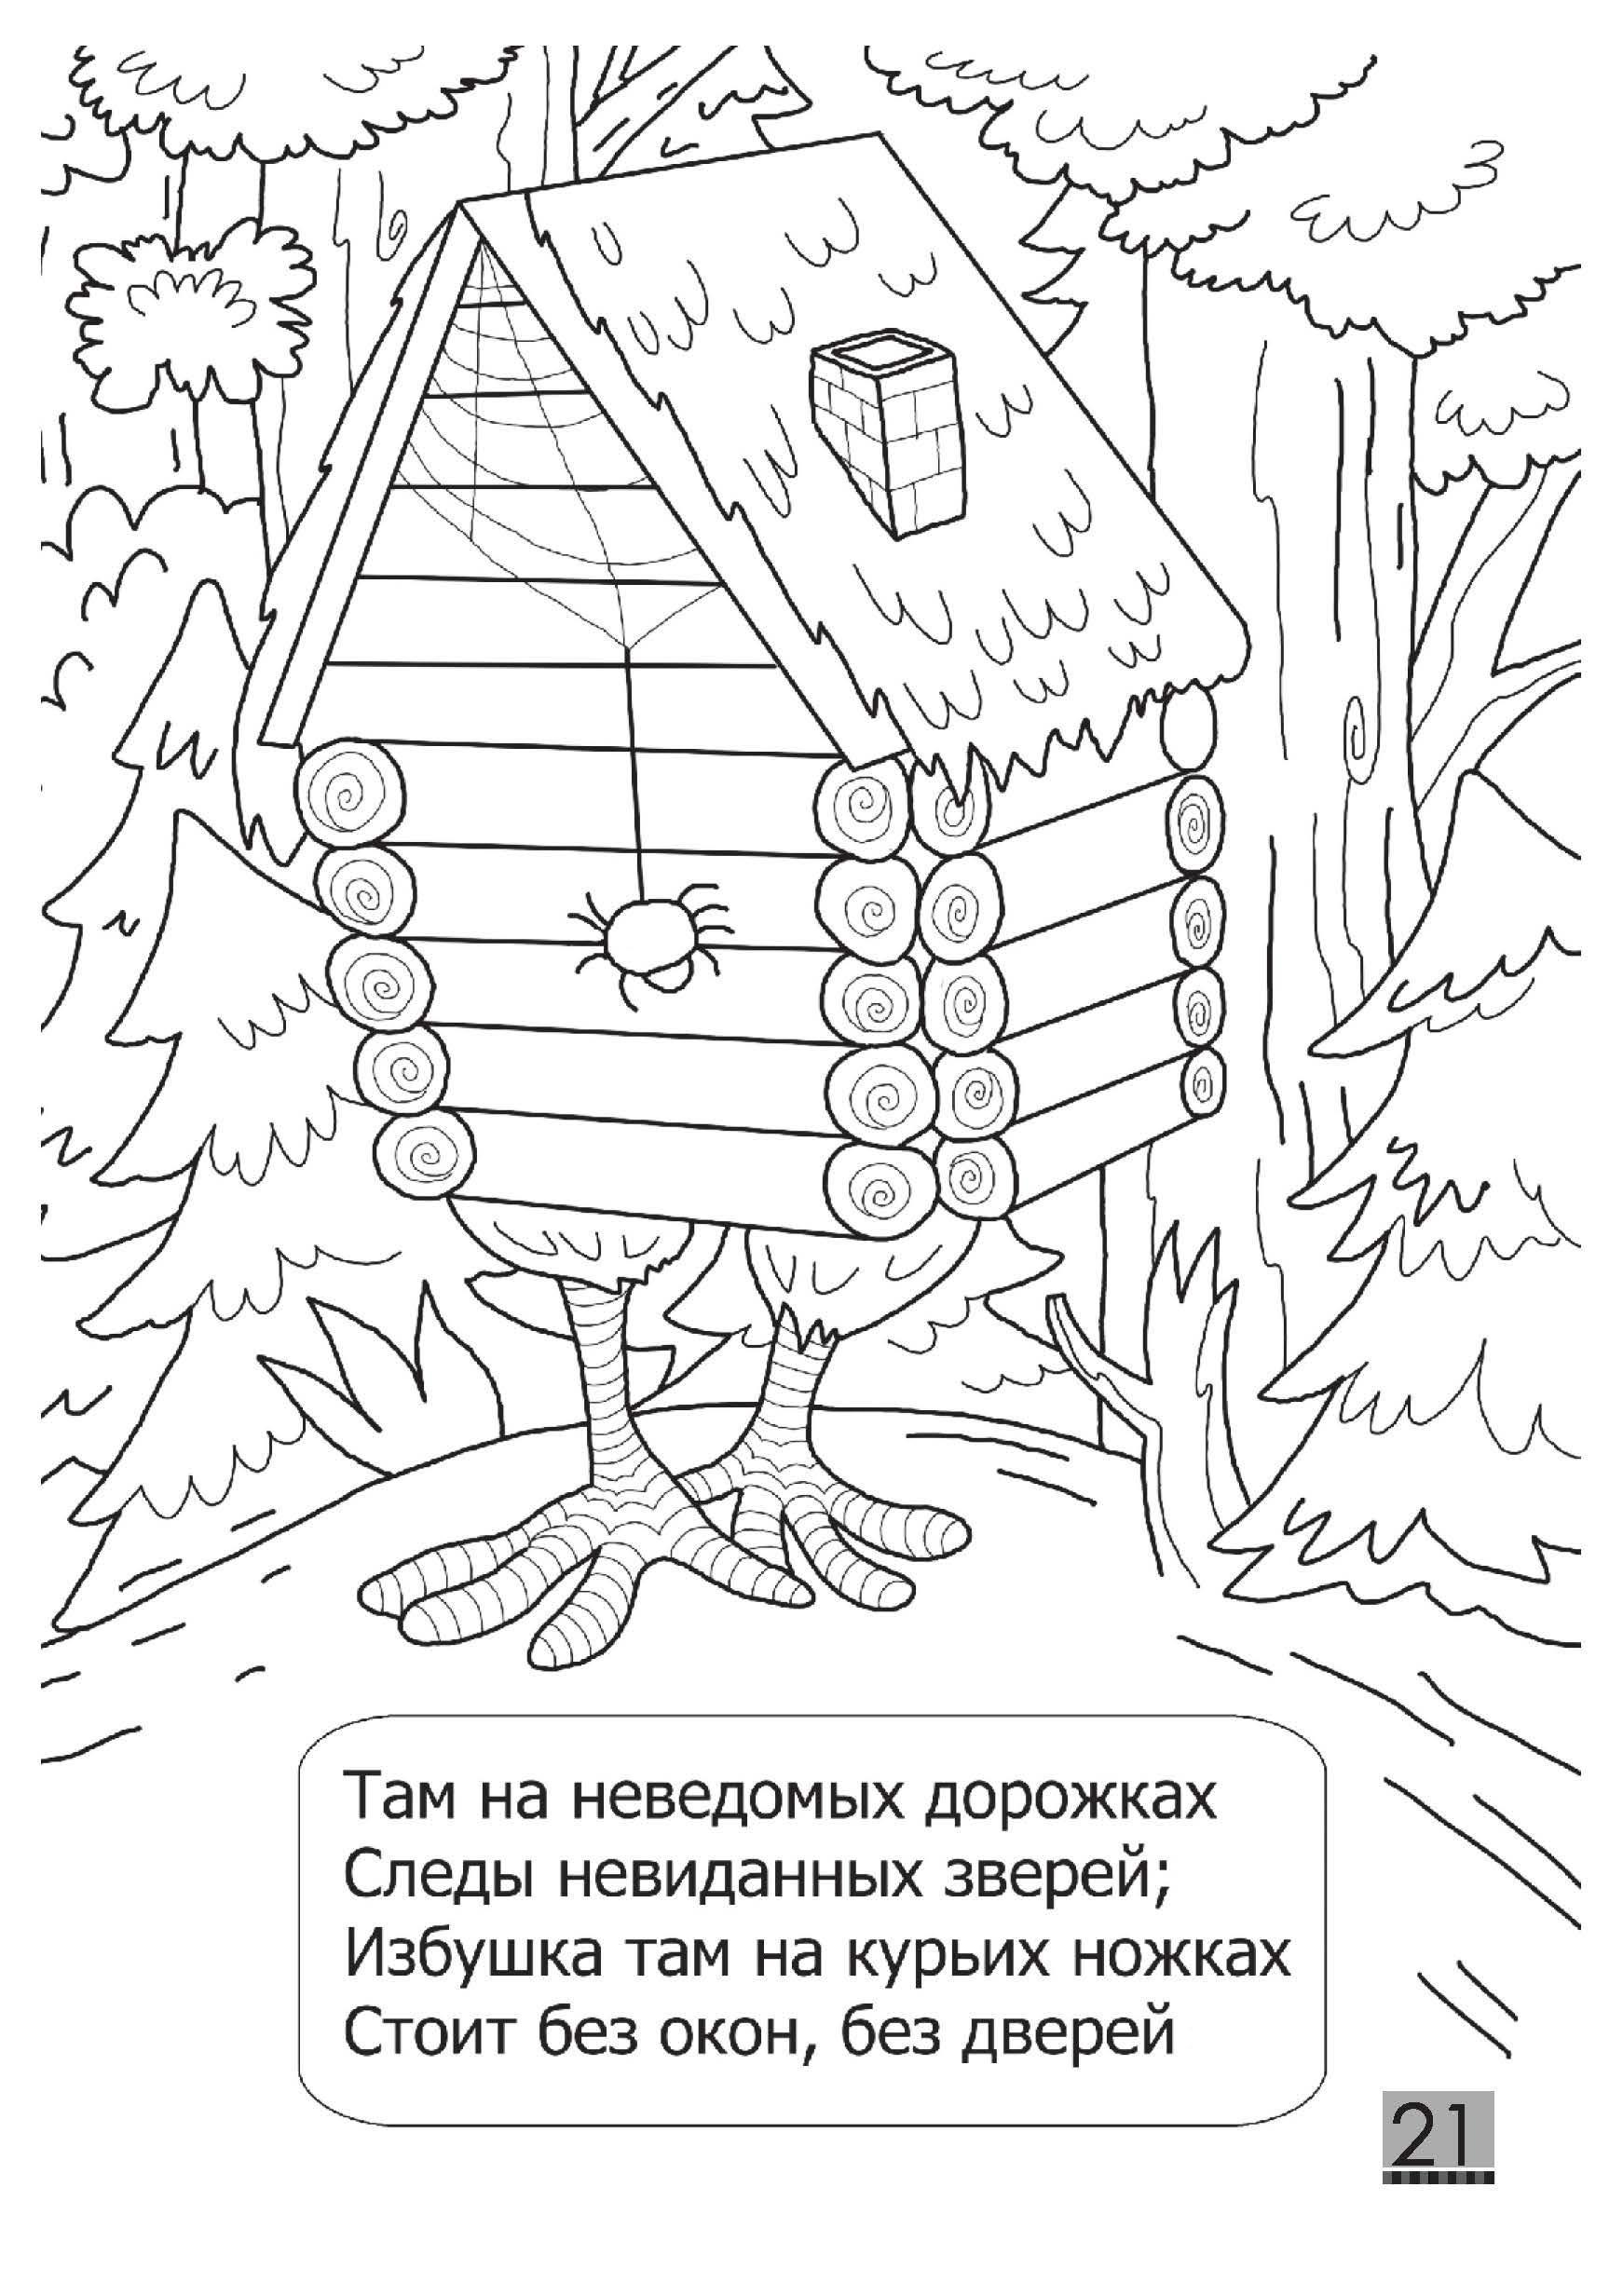 Детский журнал Енот - 2019.11 Страница 21